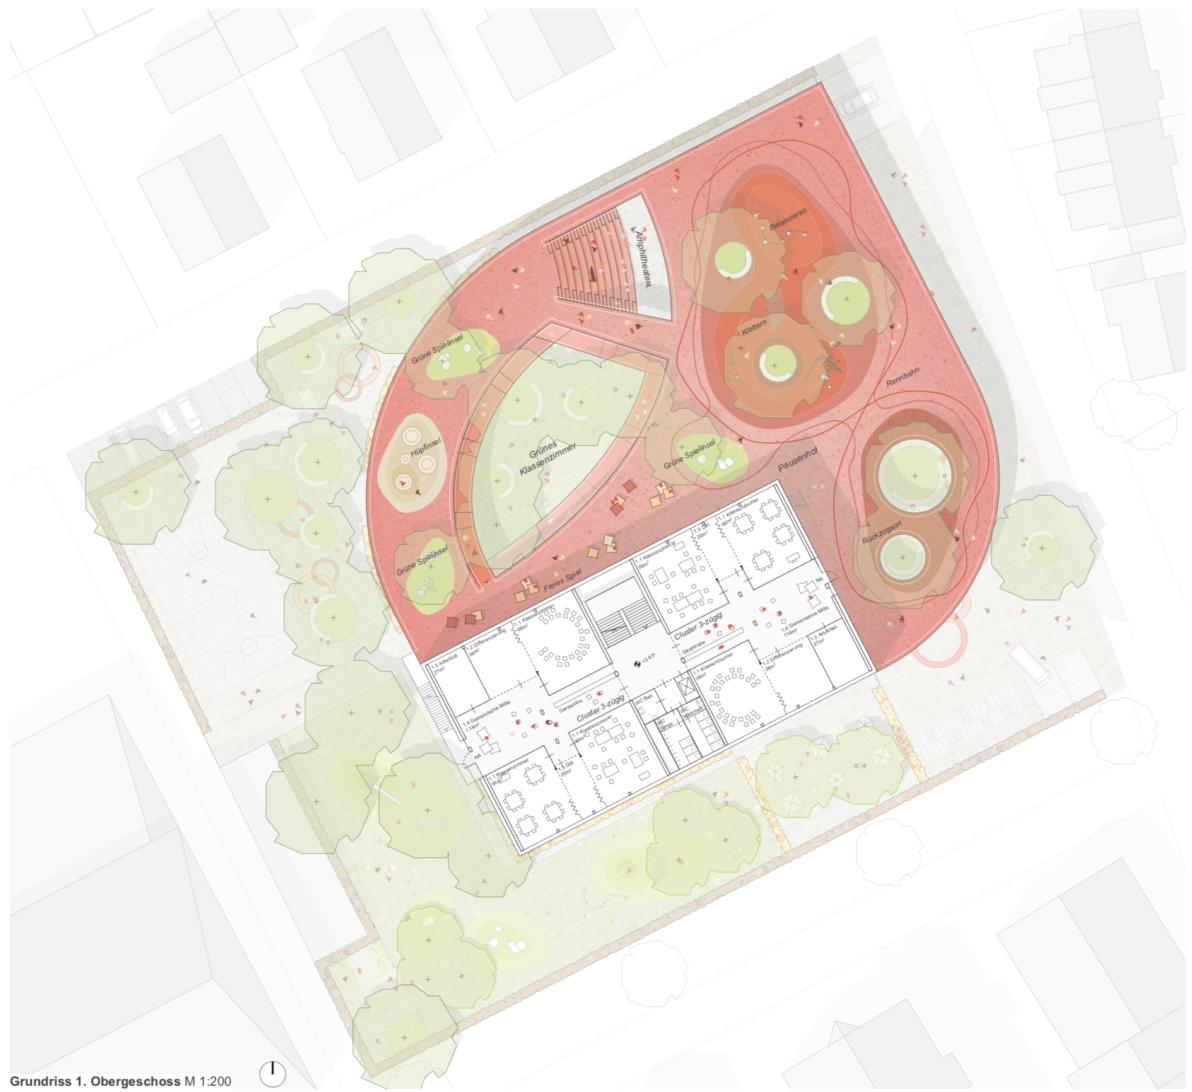 Grundriss 1. Obergeschoss buerohauser Wettbewerbsbeitrag Umbau eines Gemeinschaftsschulgebäudes in eine Grundschule und Errichtung einer Einfeld-Sporthalle Bietigheim 2021